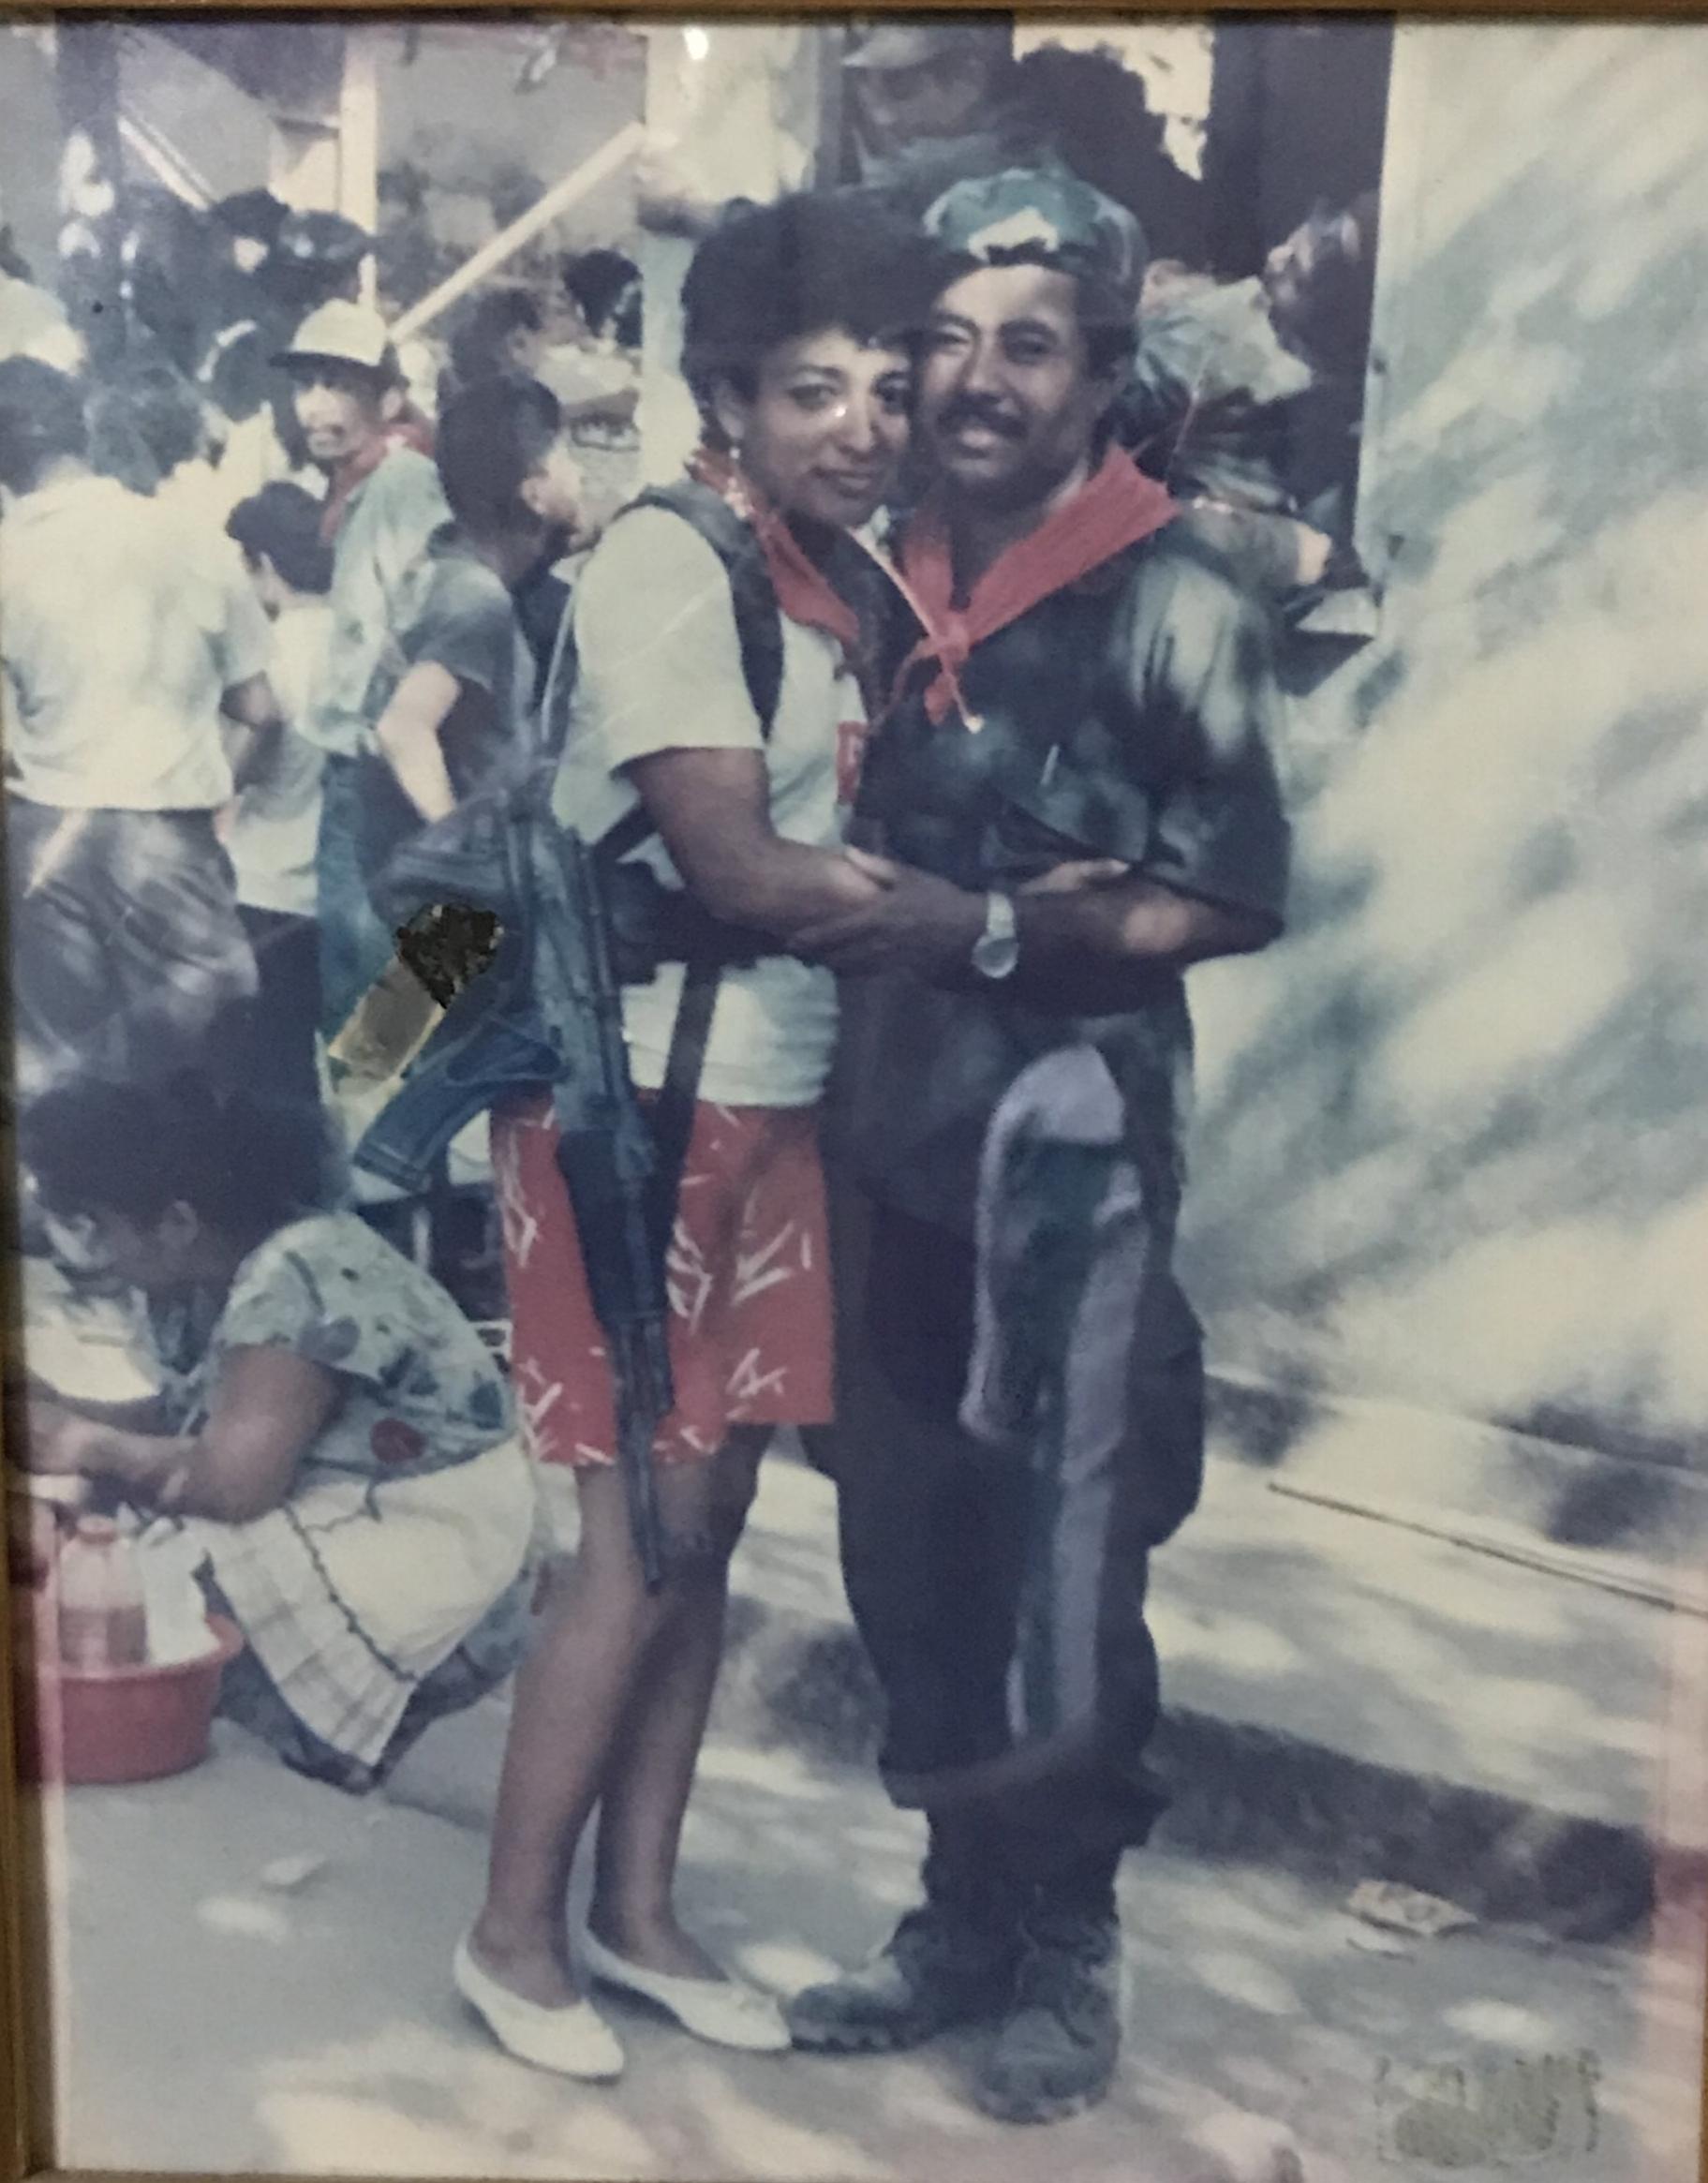 Angelica Lopez: Lisseth.  Manuel Vega Centeno: Cmdte. Nino  Canton Las Marias, Cerro El Tigre.  Usulutan. 1 De Febrero 1992